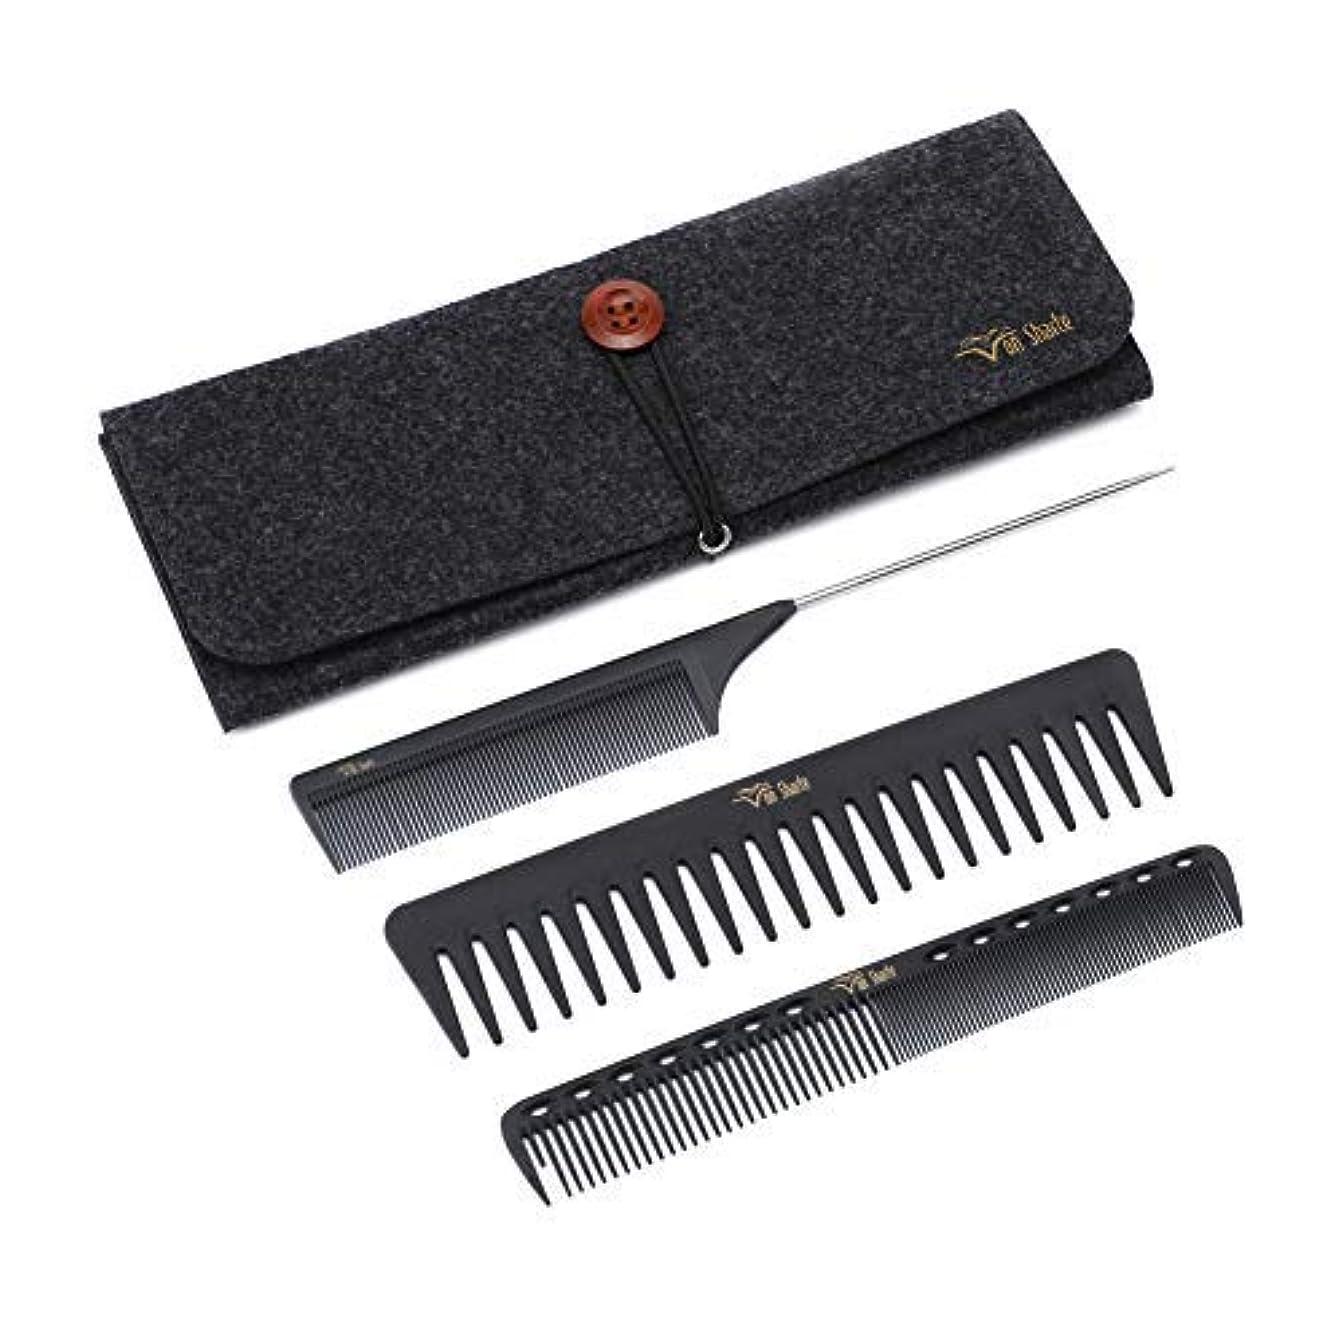 レンドナビゲーション欺Styling Comb Set,Hairdresser Barber Comb Cutting Hair Comb Carbon Fiber Wide Tooth Comb Metal Rat Pin Tail Comb...